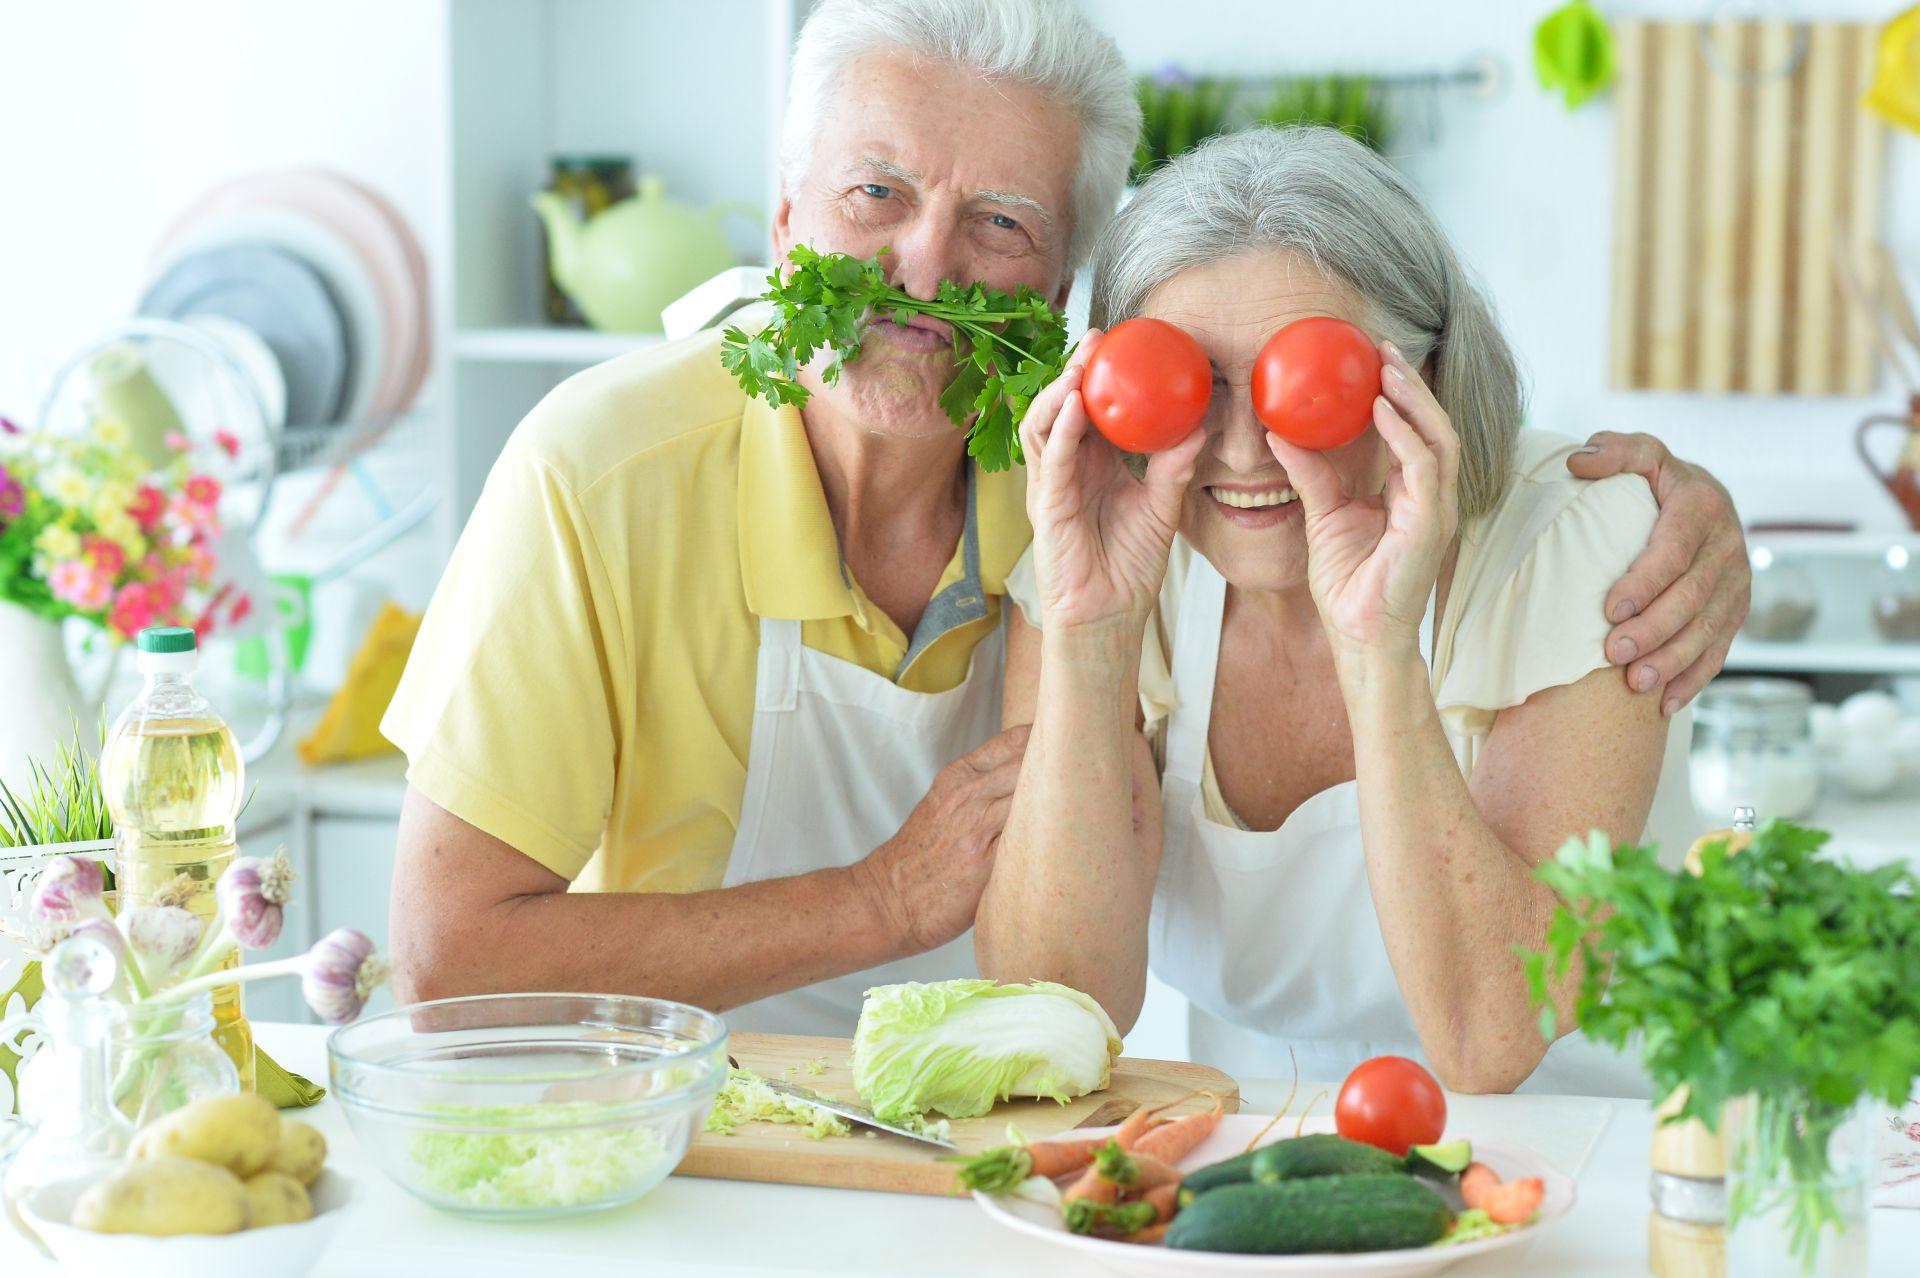 Dieta i ćwiczenia dla seniora wspomagają zachowanie zdrowego stylu życia, a tym samym - wspierają pracę serca, profilaktykę obniżania cholesterolu oraz zachowanie dobrej kondycji fizycznej i psychicznej, nawet w czasie pandemii.